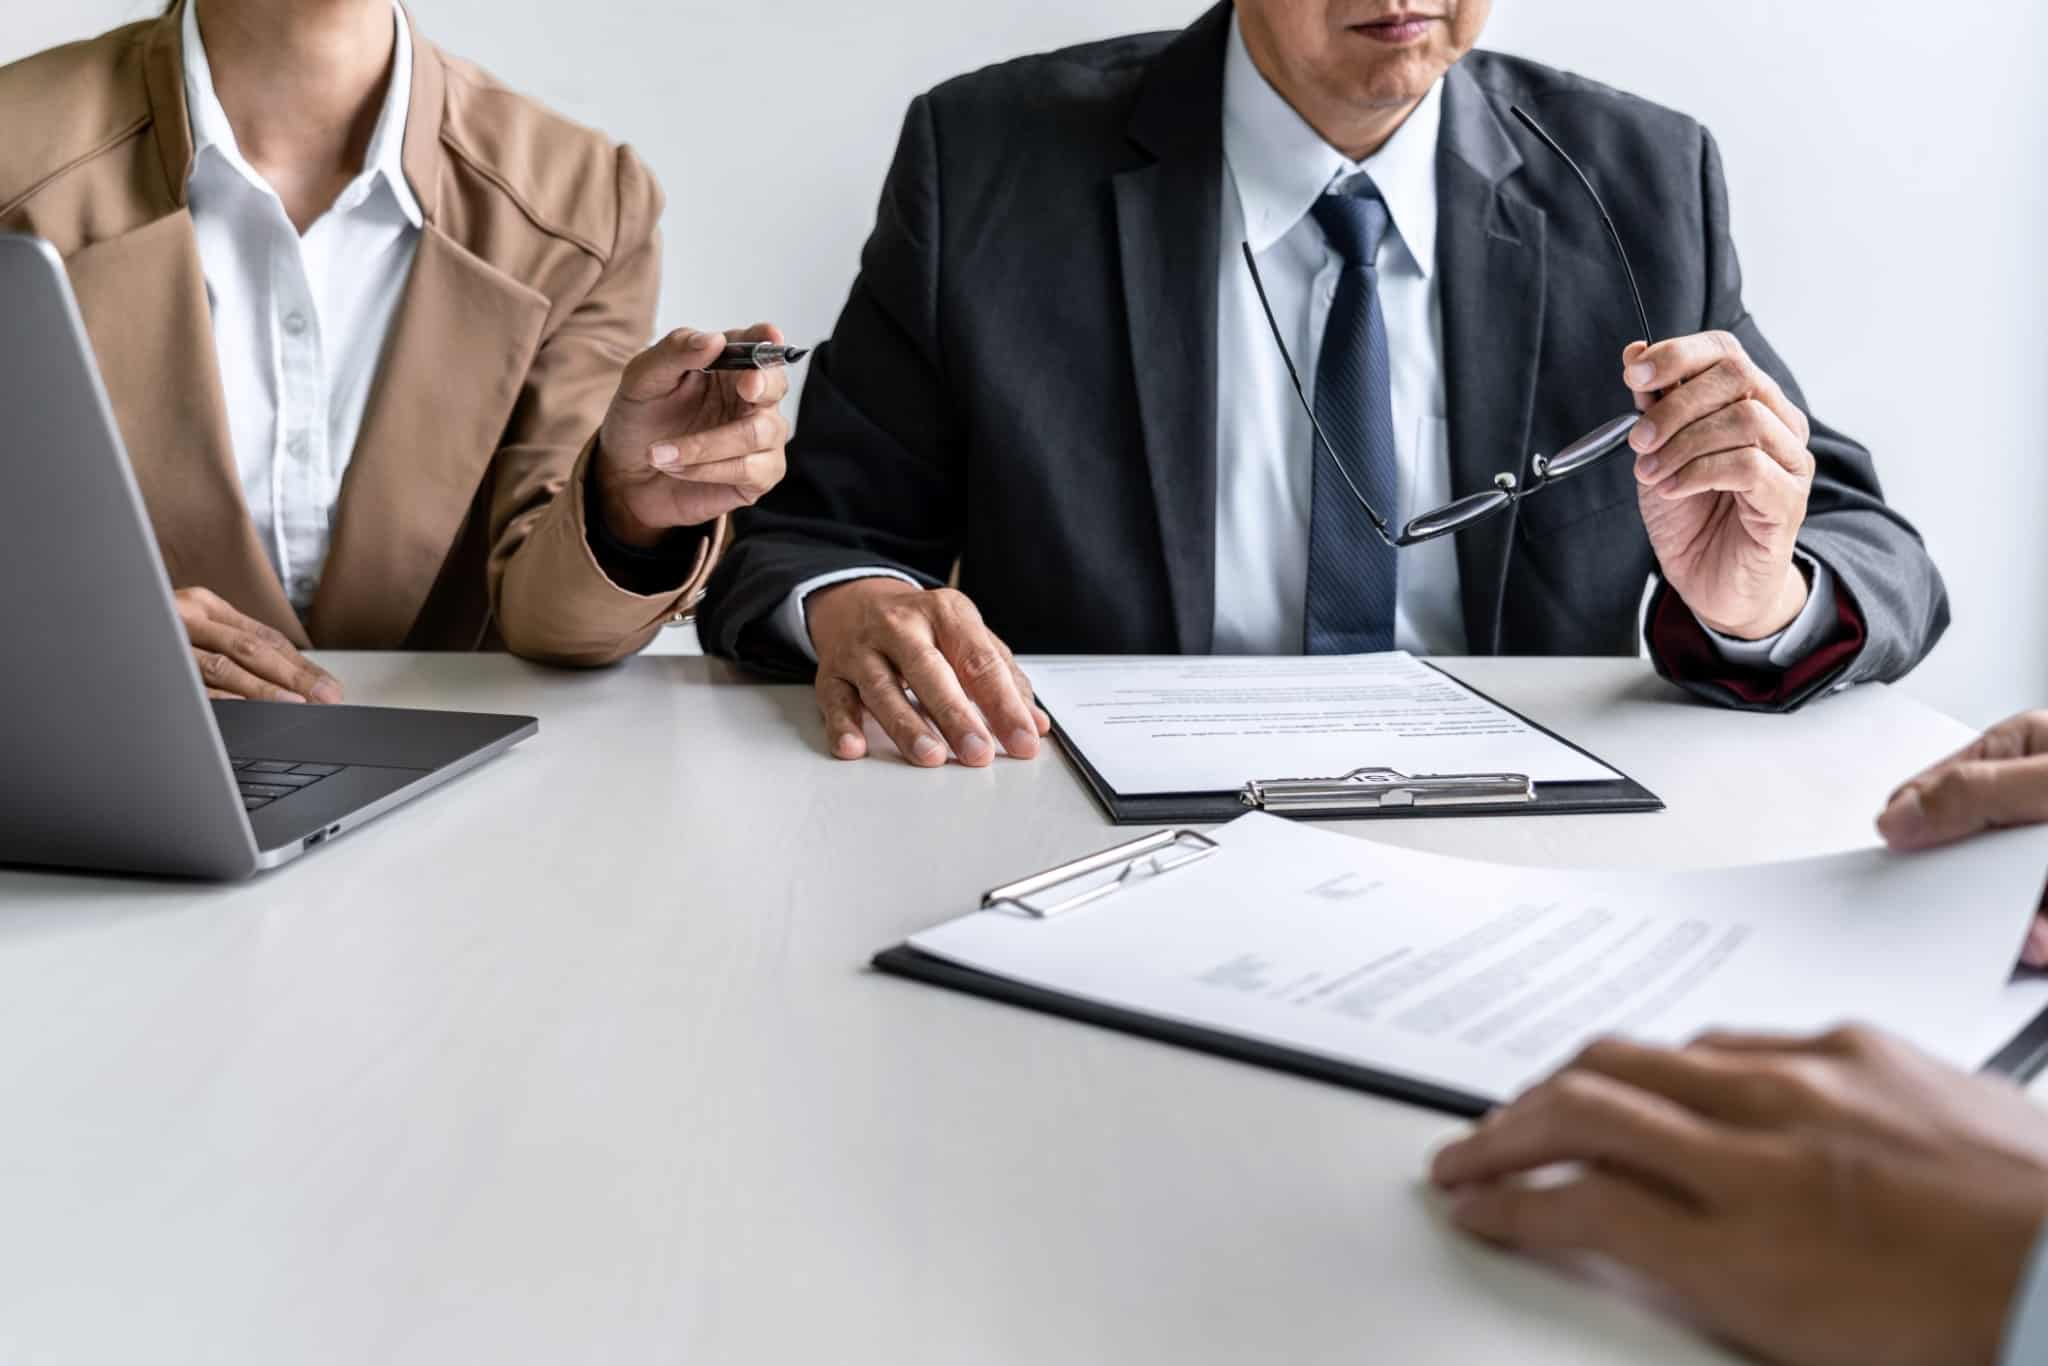 entrevista de trabalho com duas pessoas a entrevistar